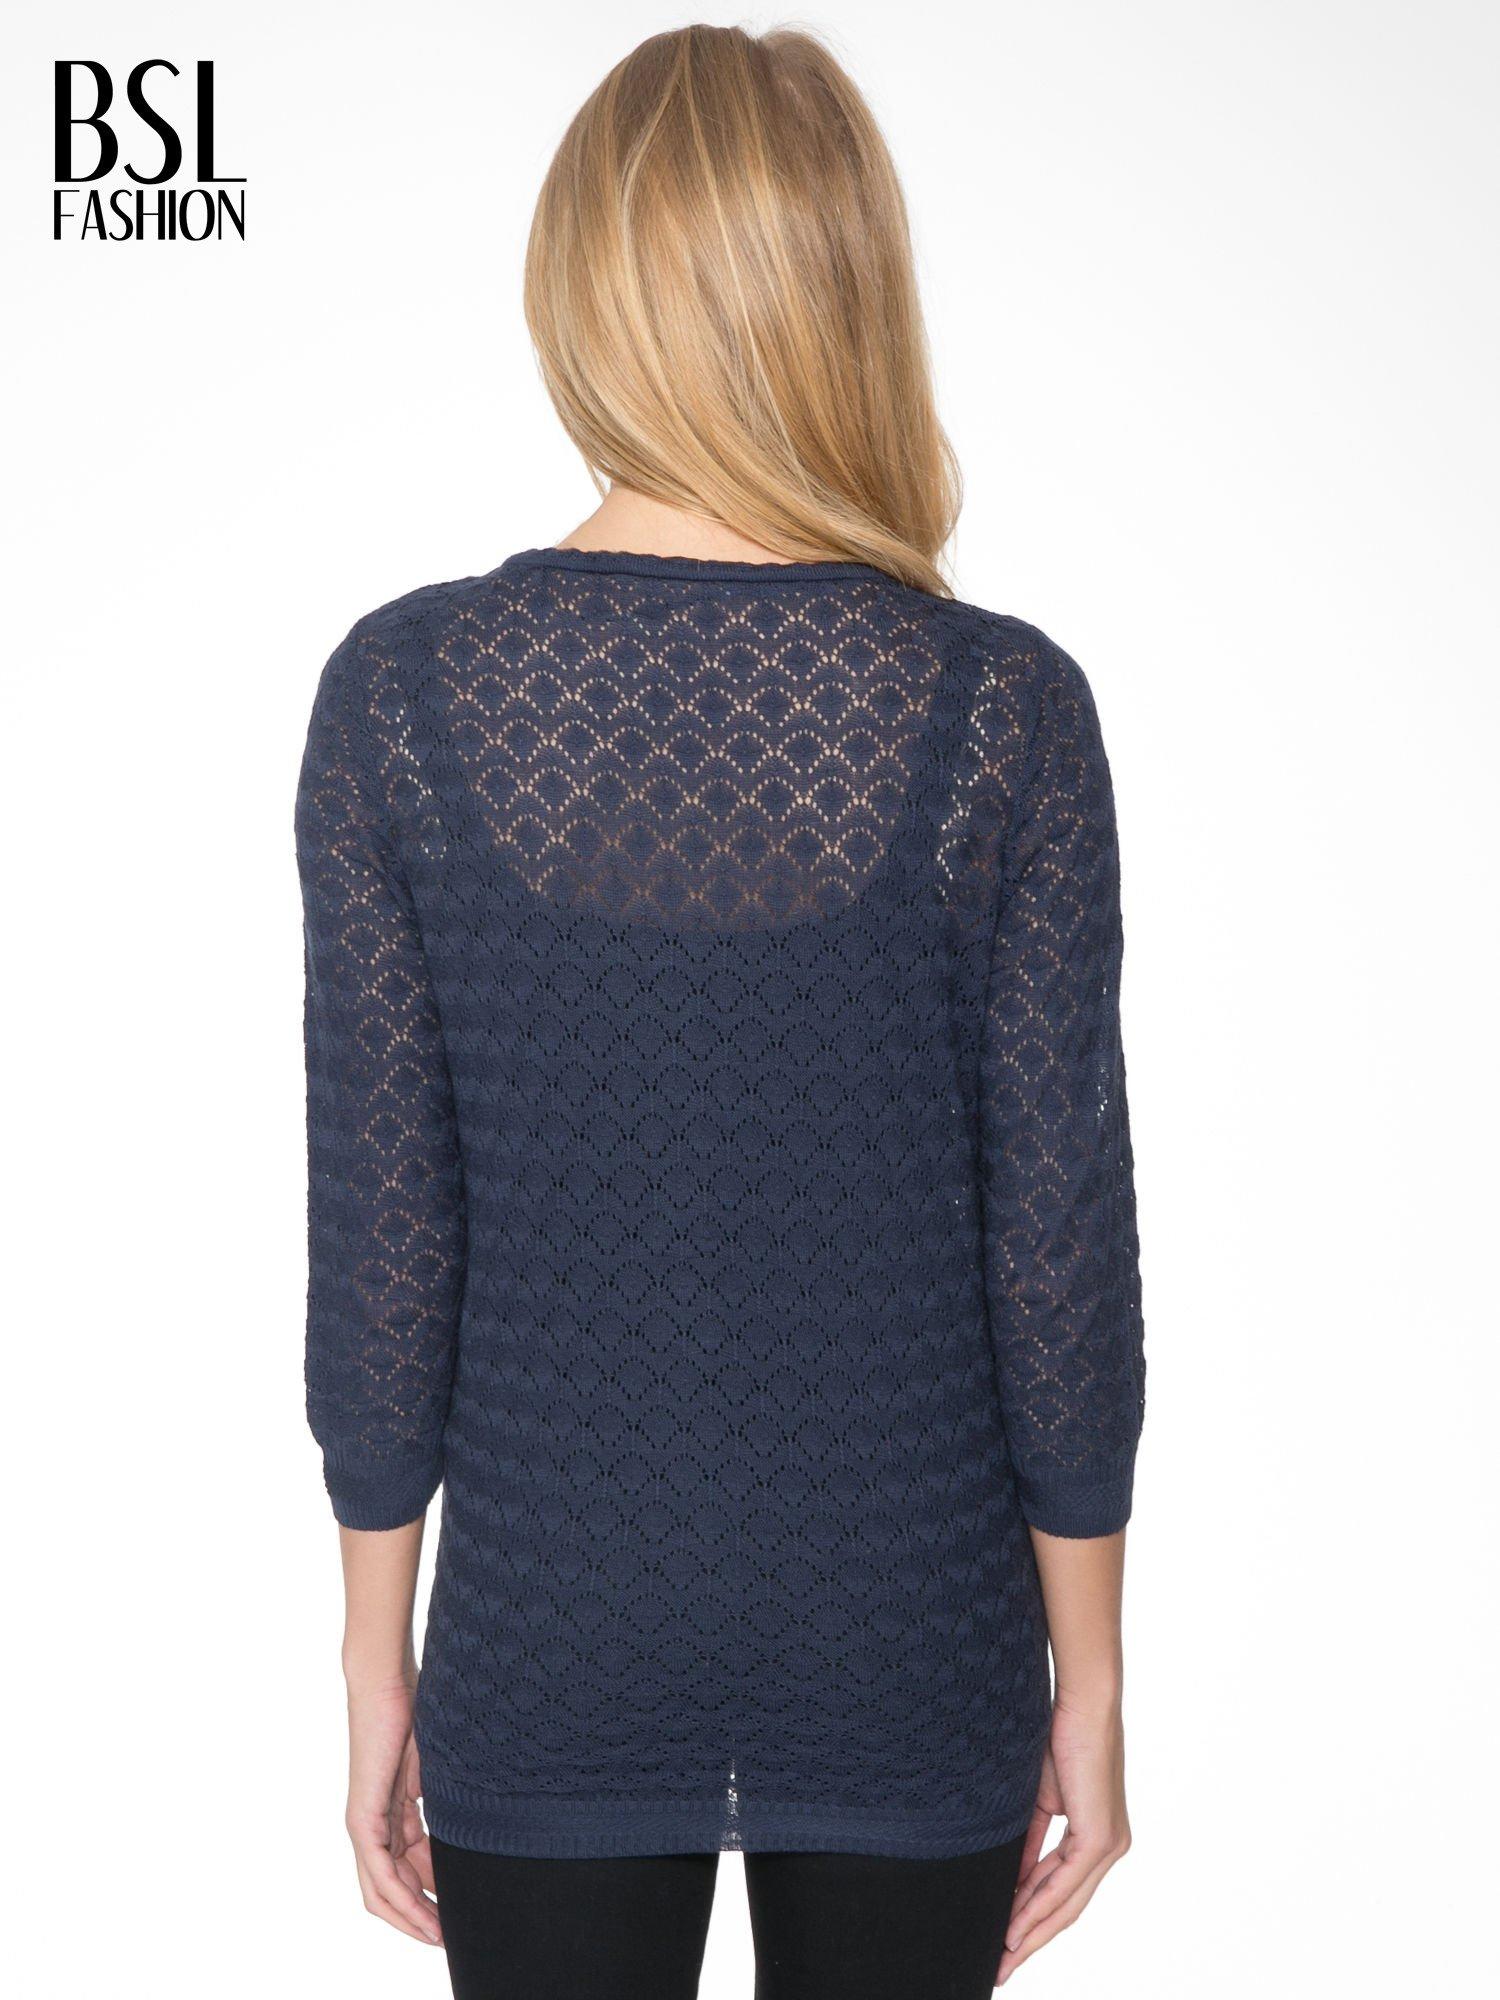 Granatowy ażurowy sweterek kardigan na guziki                                  zdj.                                  4